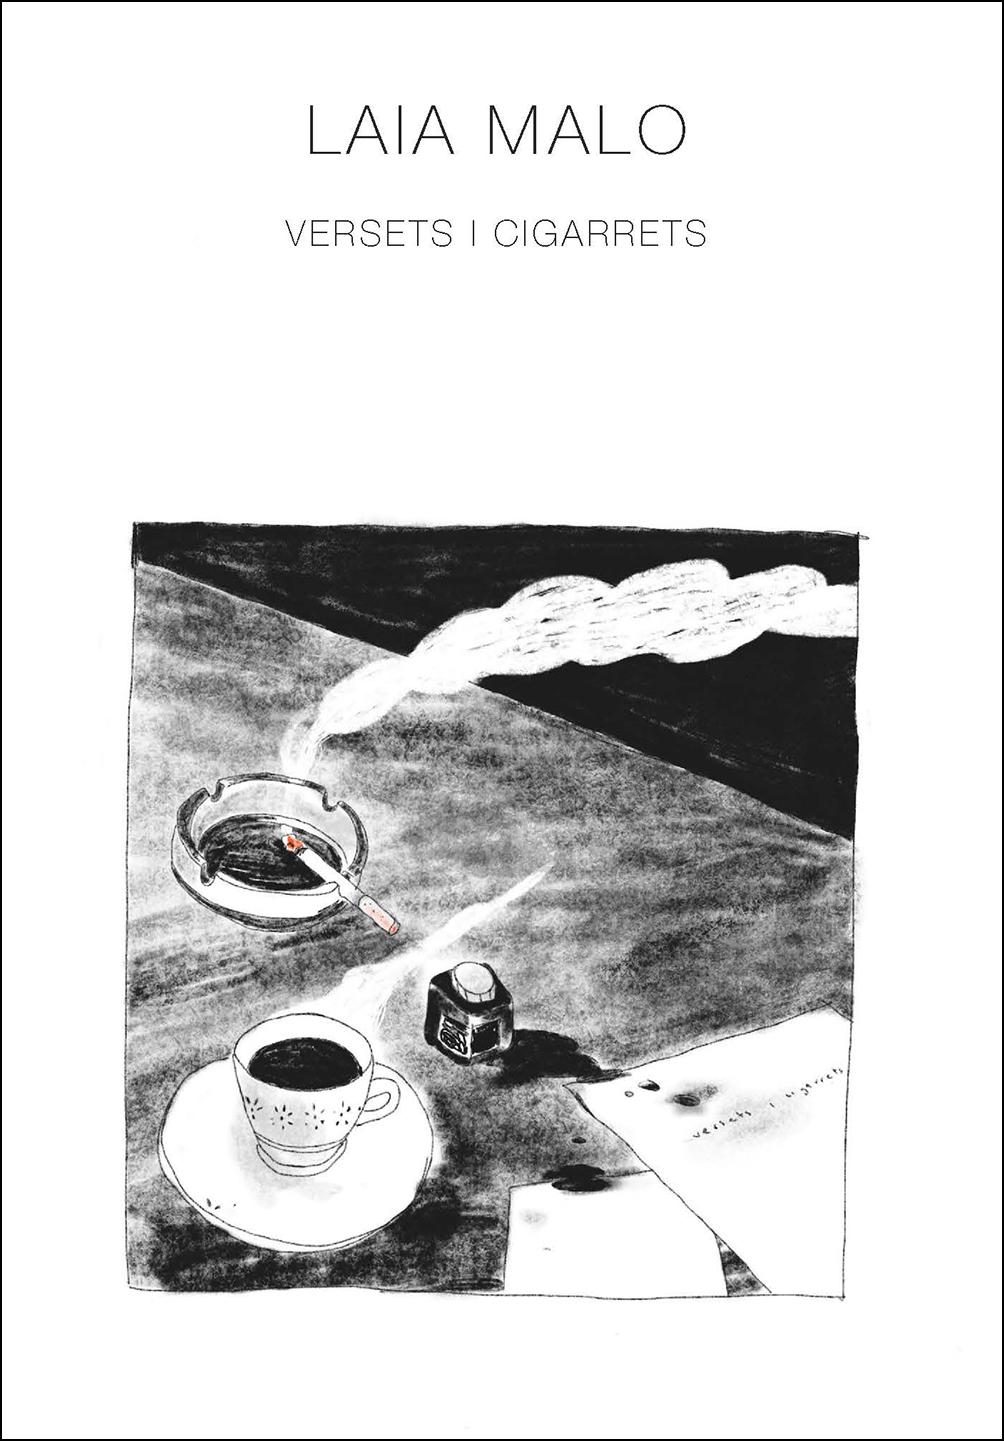 Versets i cigarrets, de Laia Malo